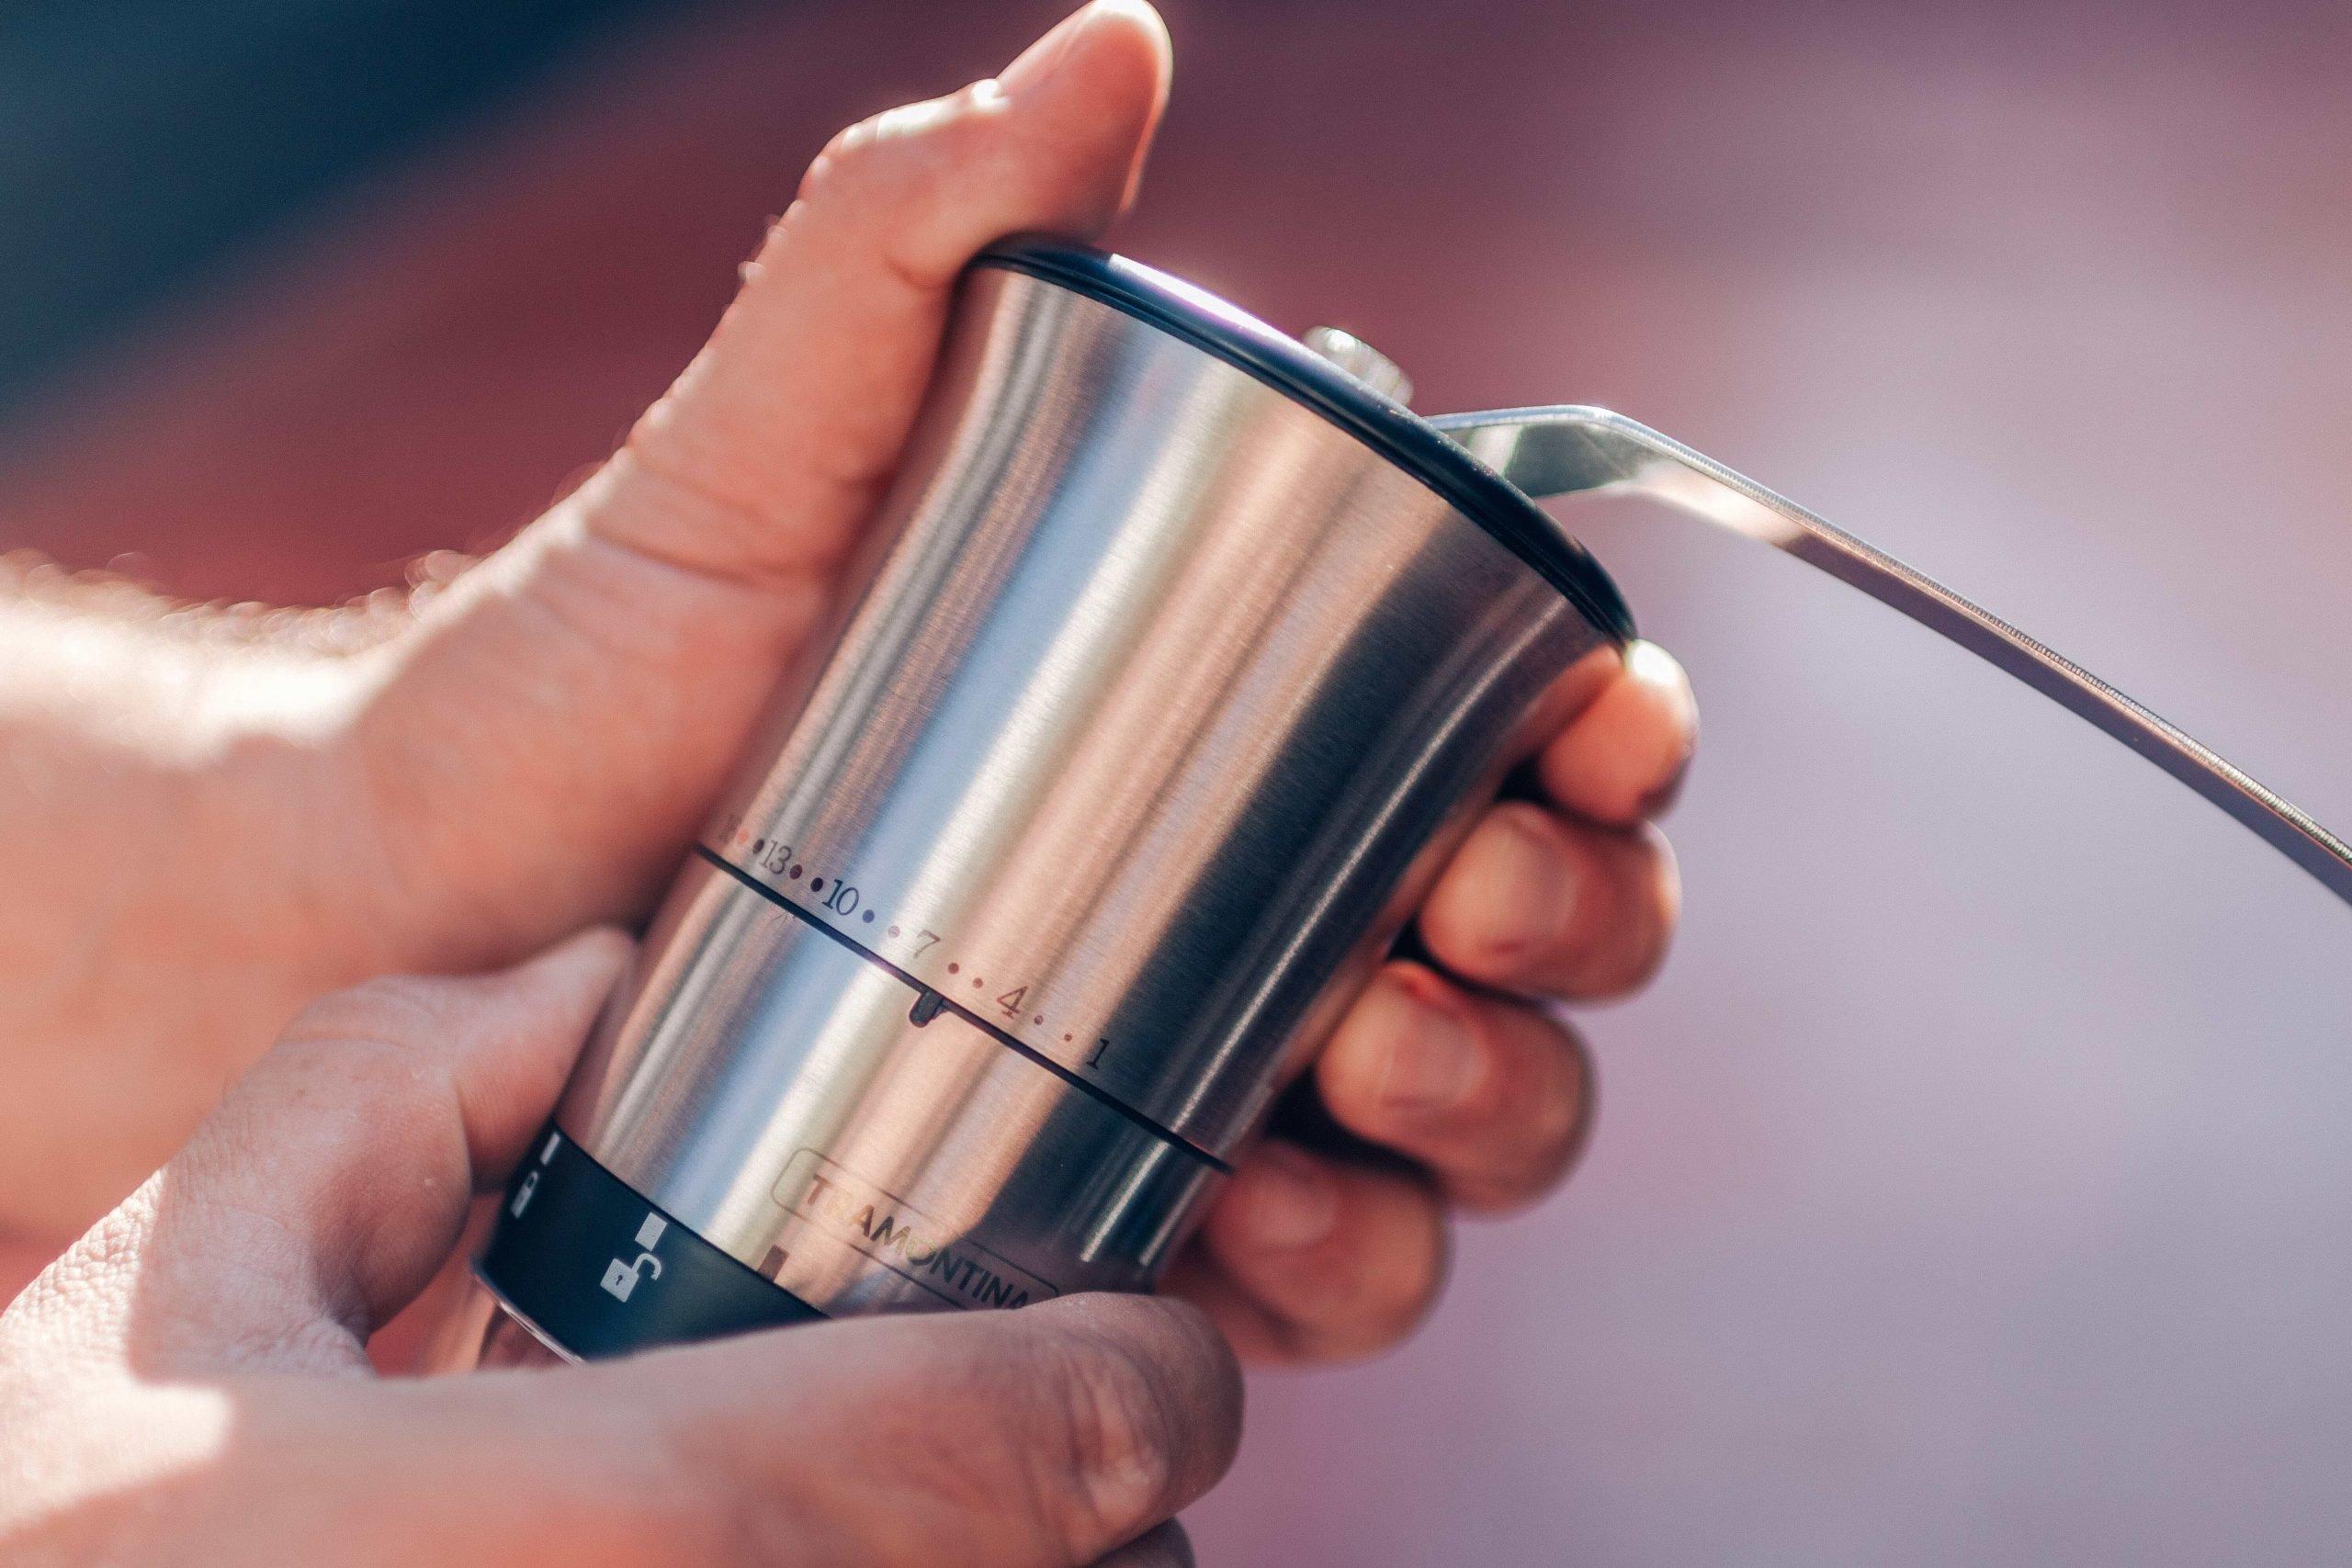 Moedor de café manual sendo utilizado para preparar café coado em casa.